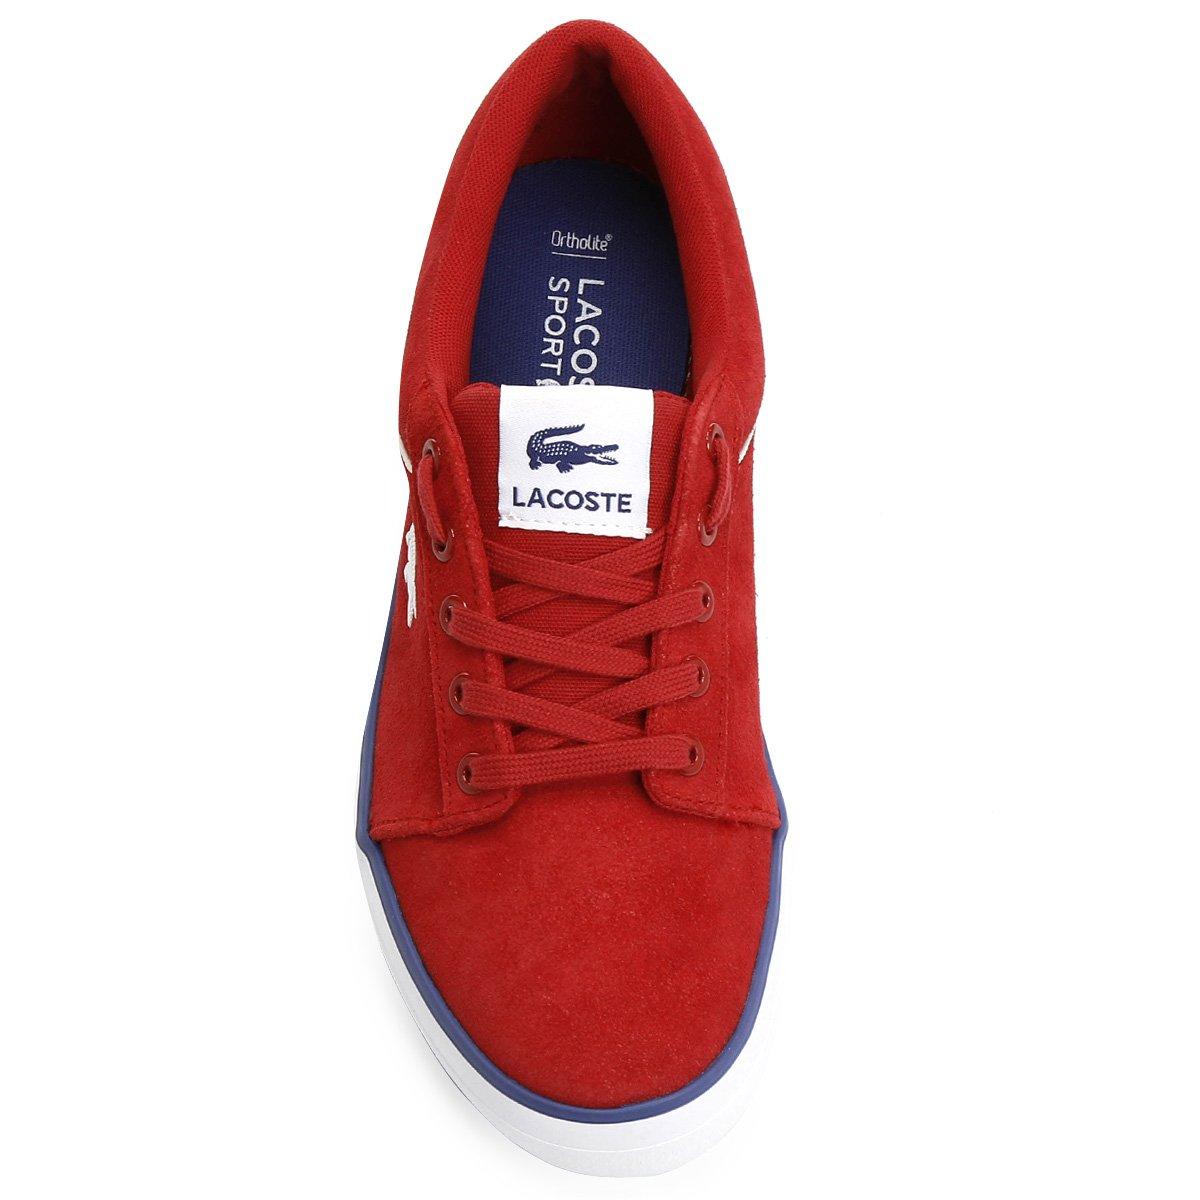 Tênis Lacoste Vaultstar Remix TCL2 - Compre Agora   Netshoes b9a92d7e91